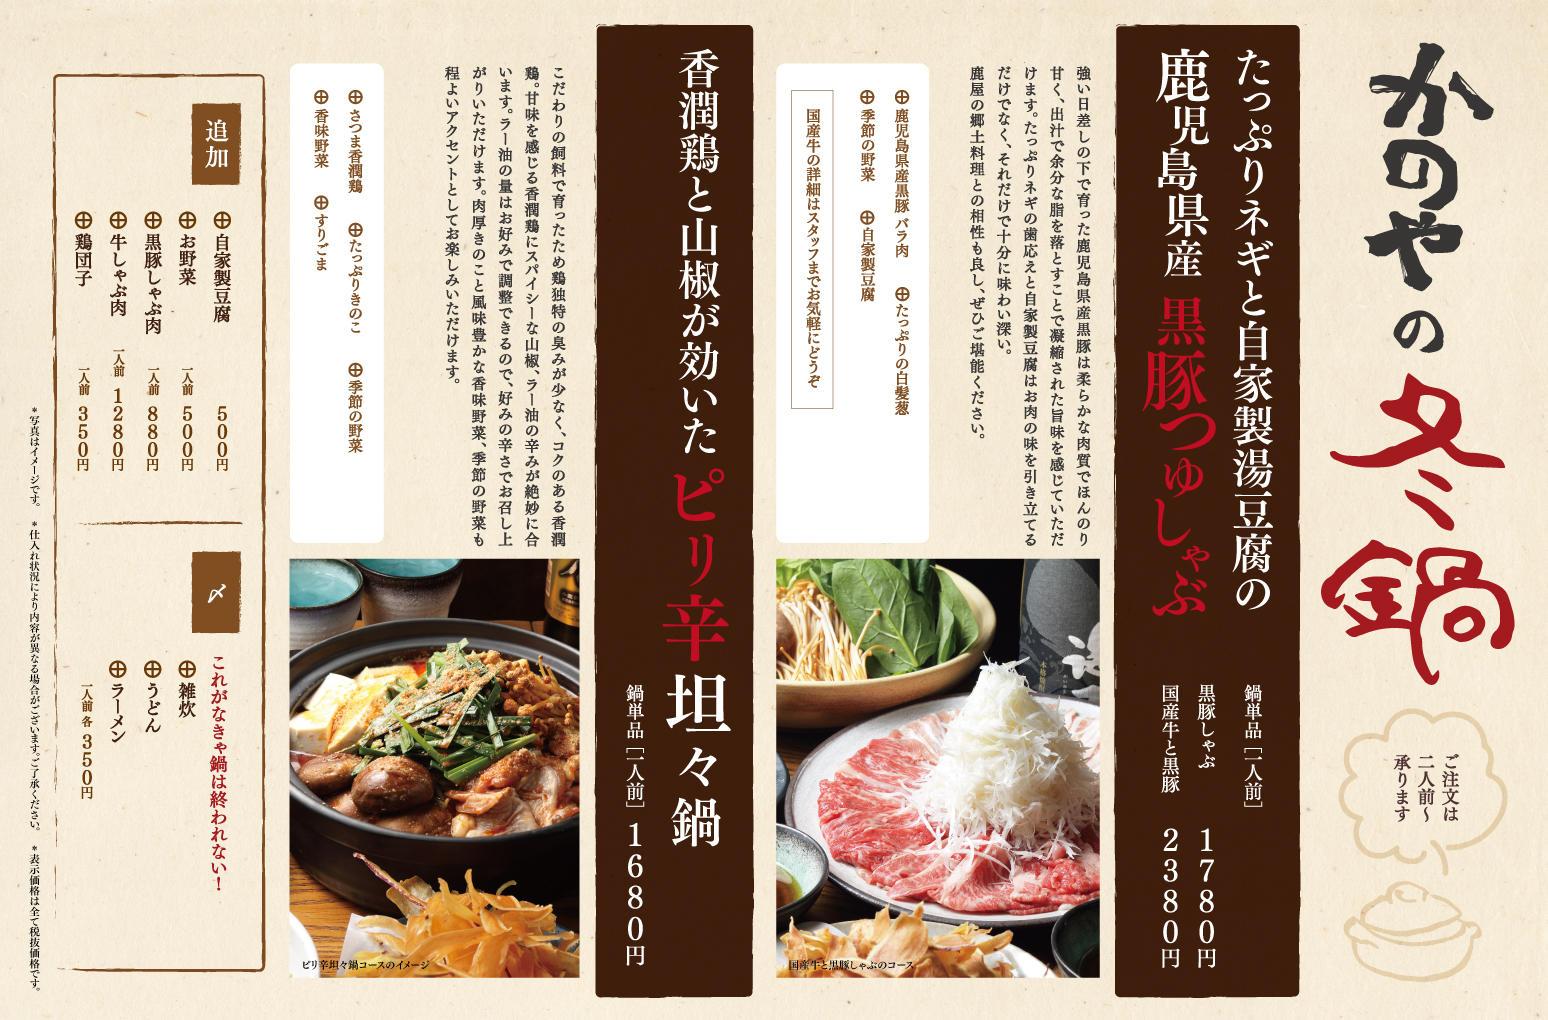 kanoya_1912_鍋.jpg